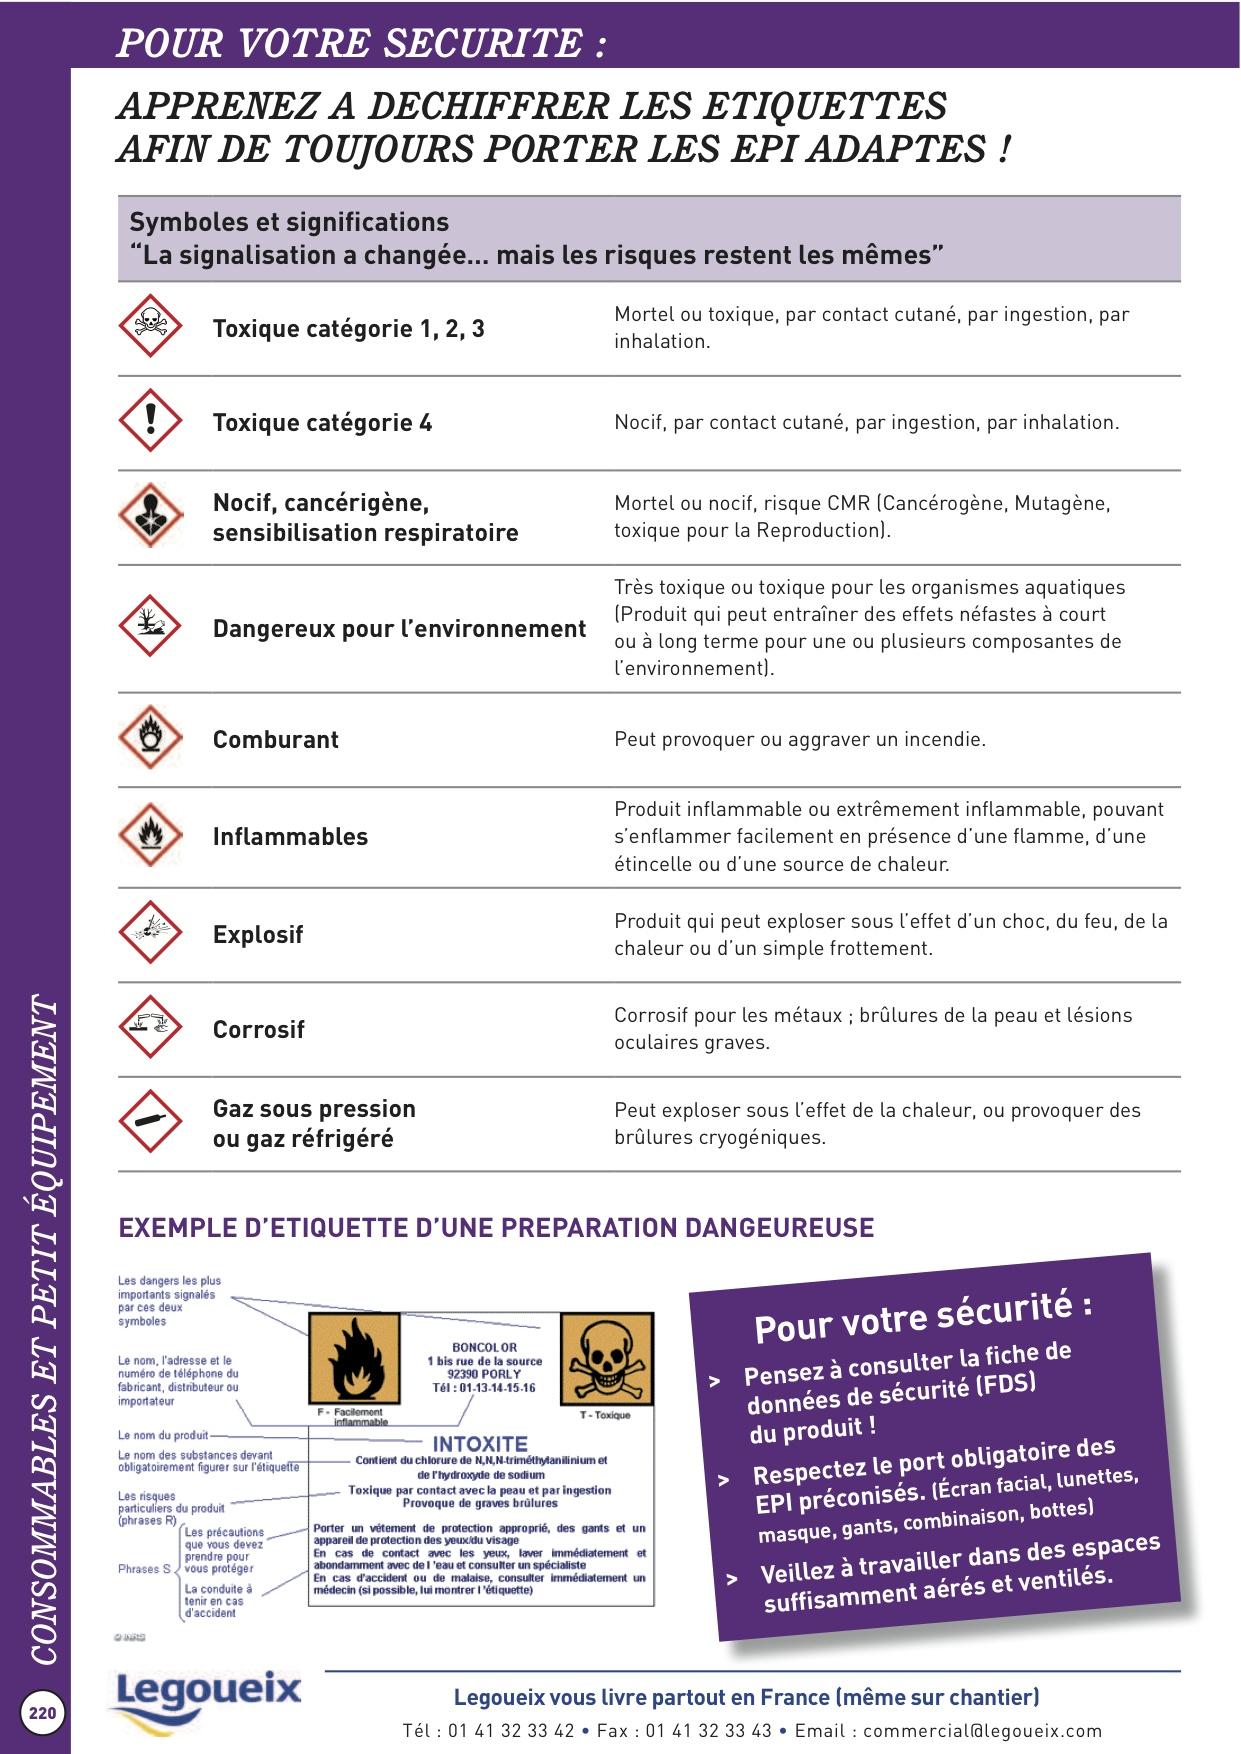 Symboles et Signification